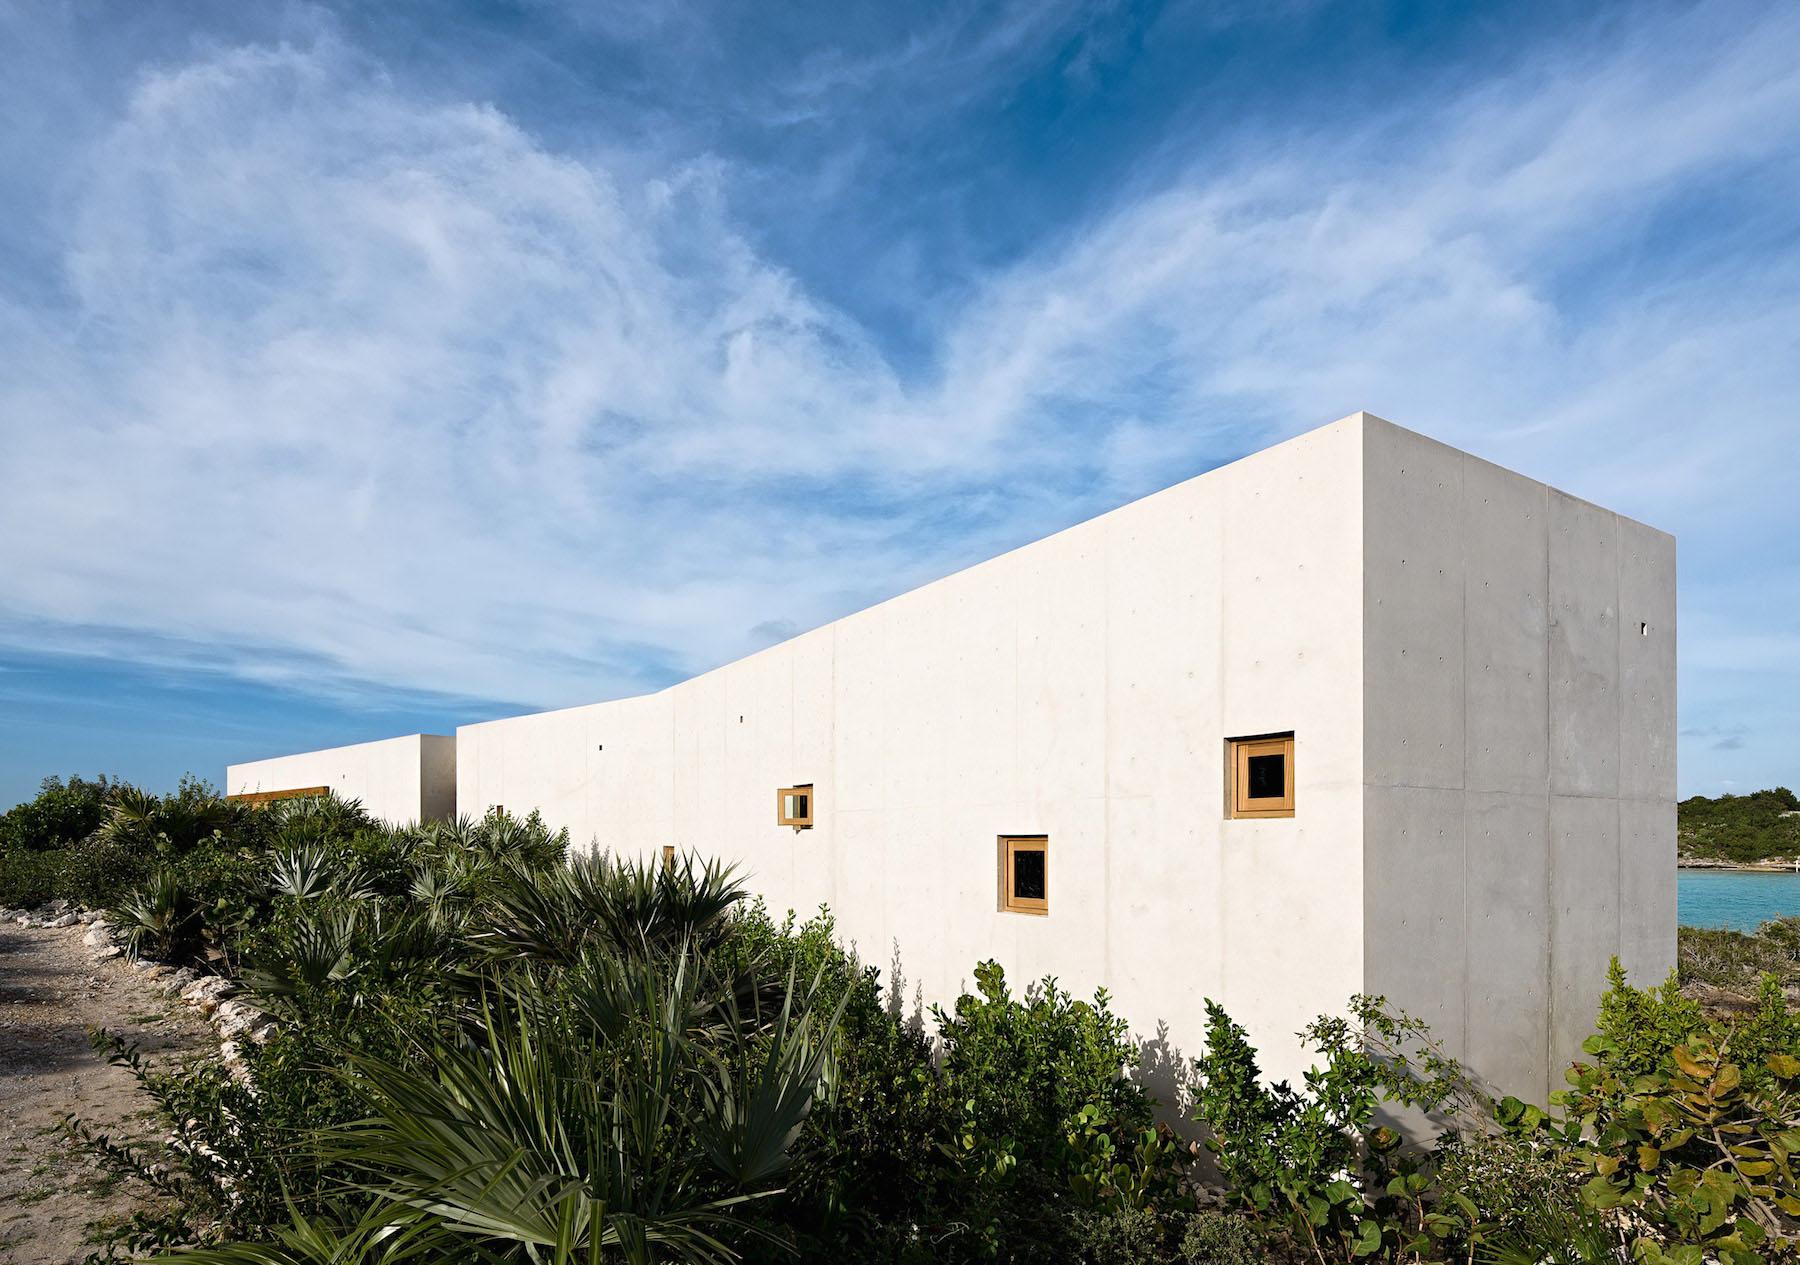 iGNANT-Architecture-Rick-Joy-Architects-La-Cabanon-26